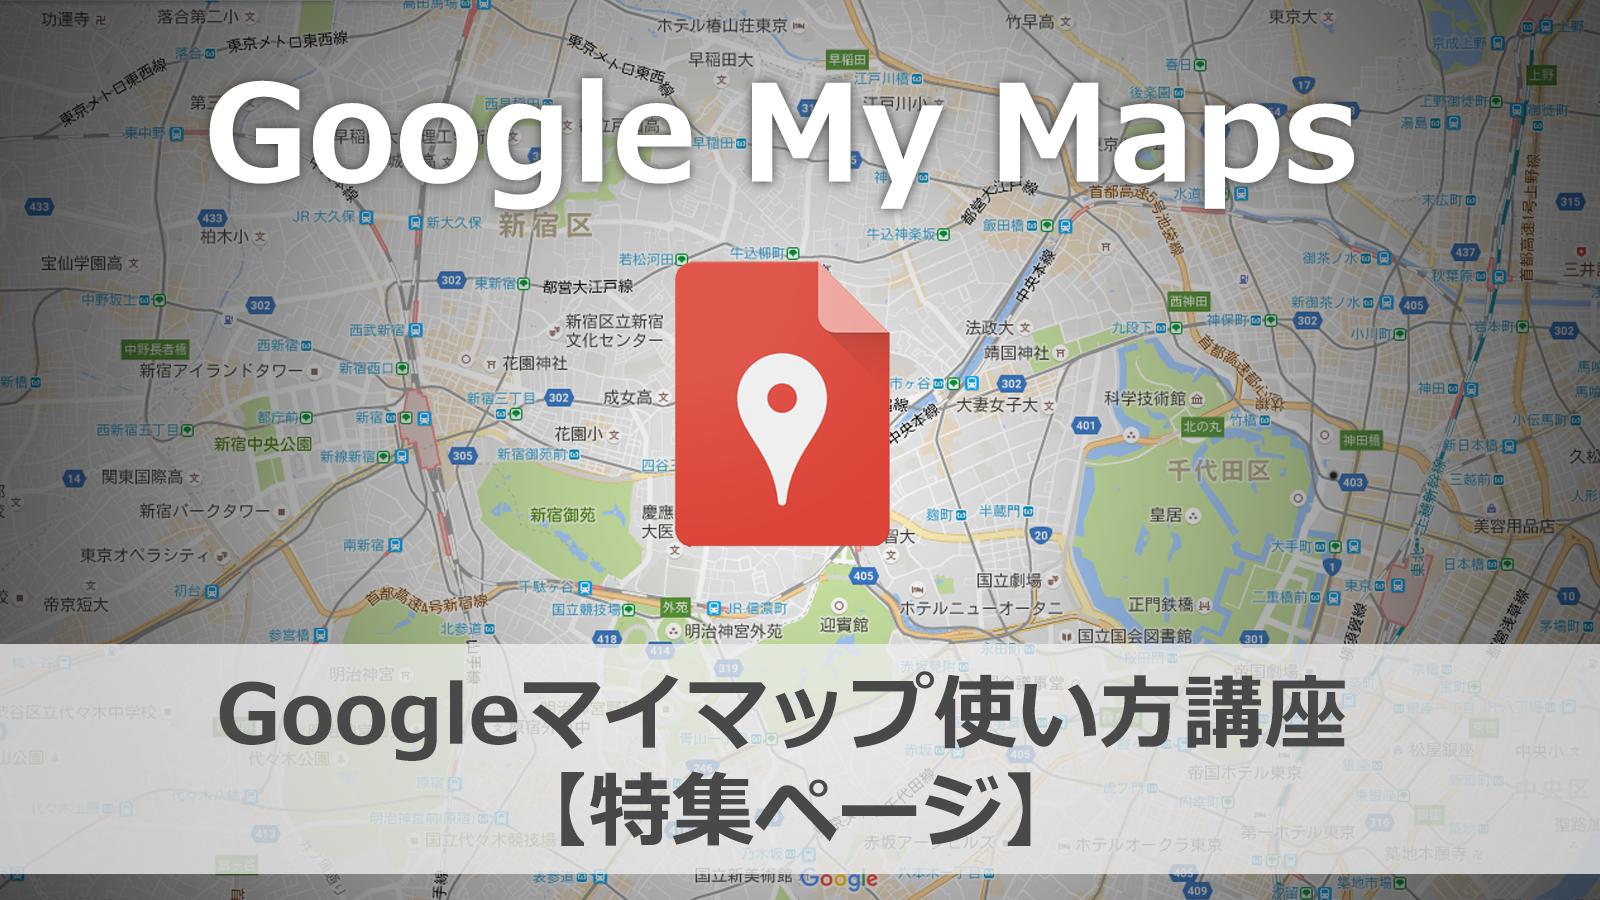 オリジナル地図を作ろう!初心者のためのGoogleマイマップ使い方講座 【特集ページ】